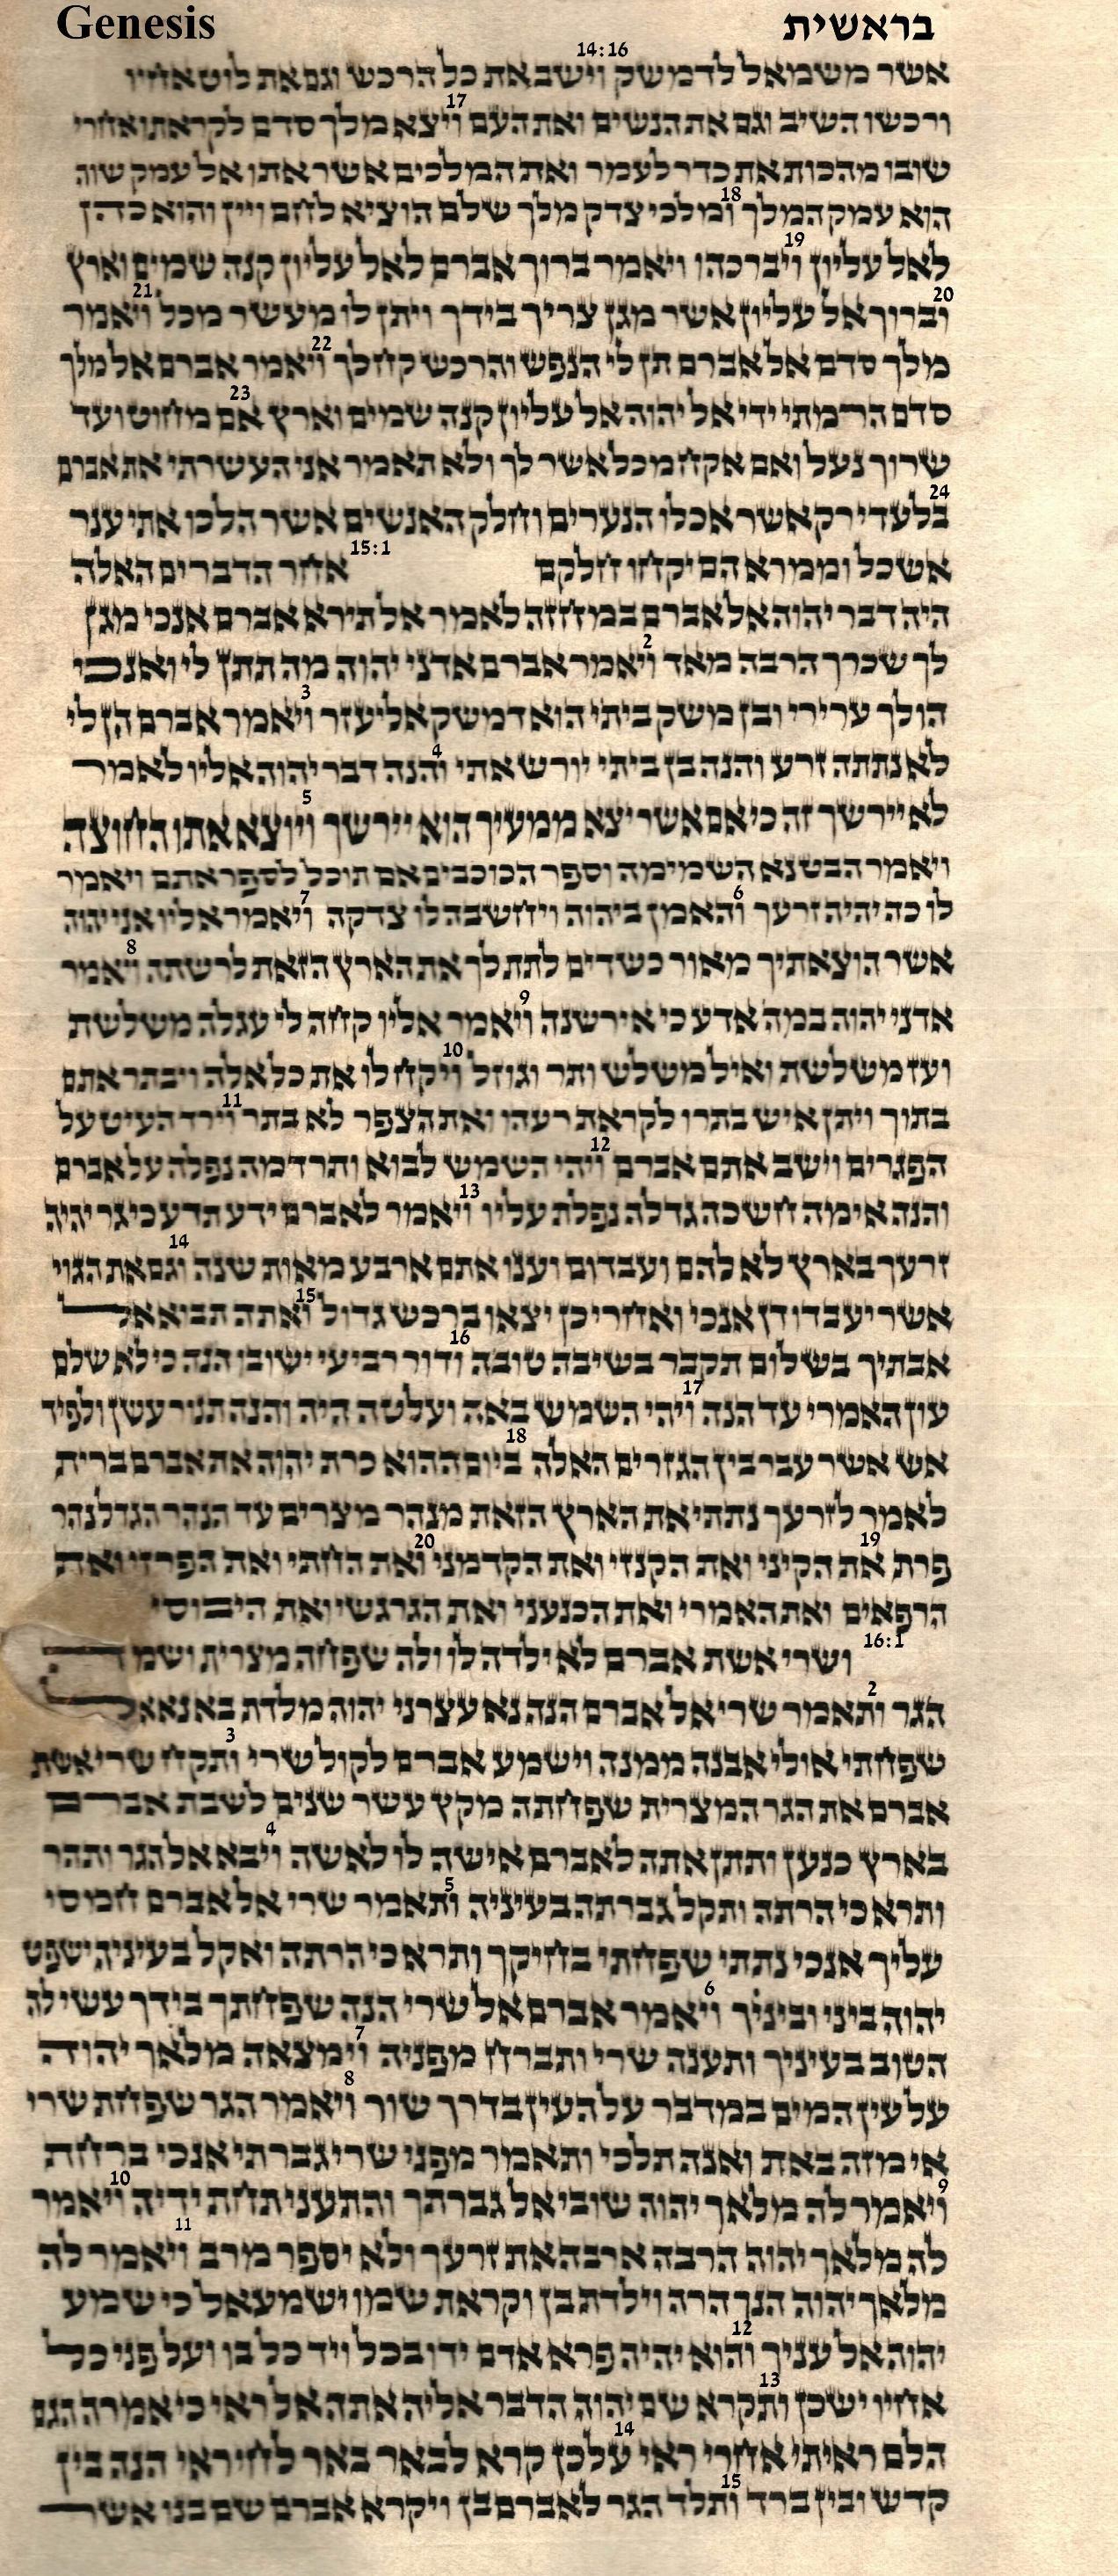 Genesis 14.16 - 16.15